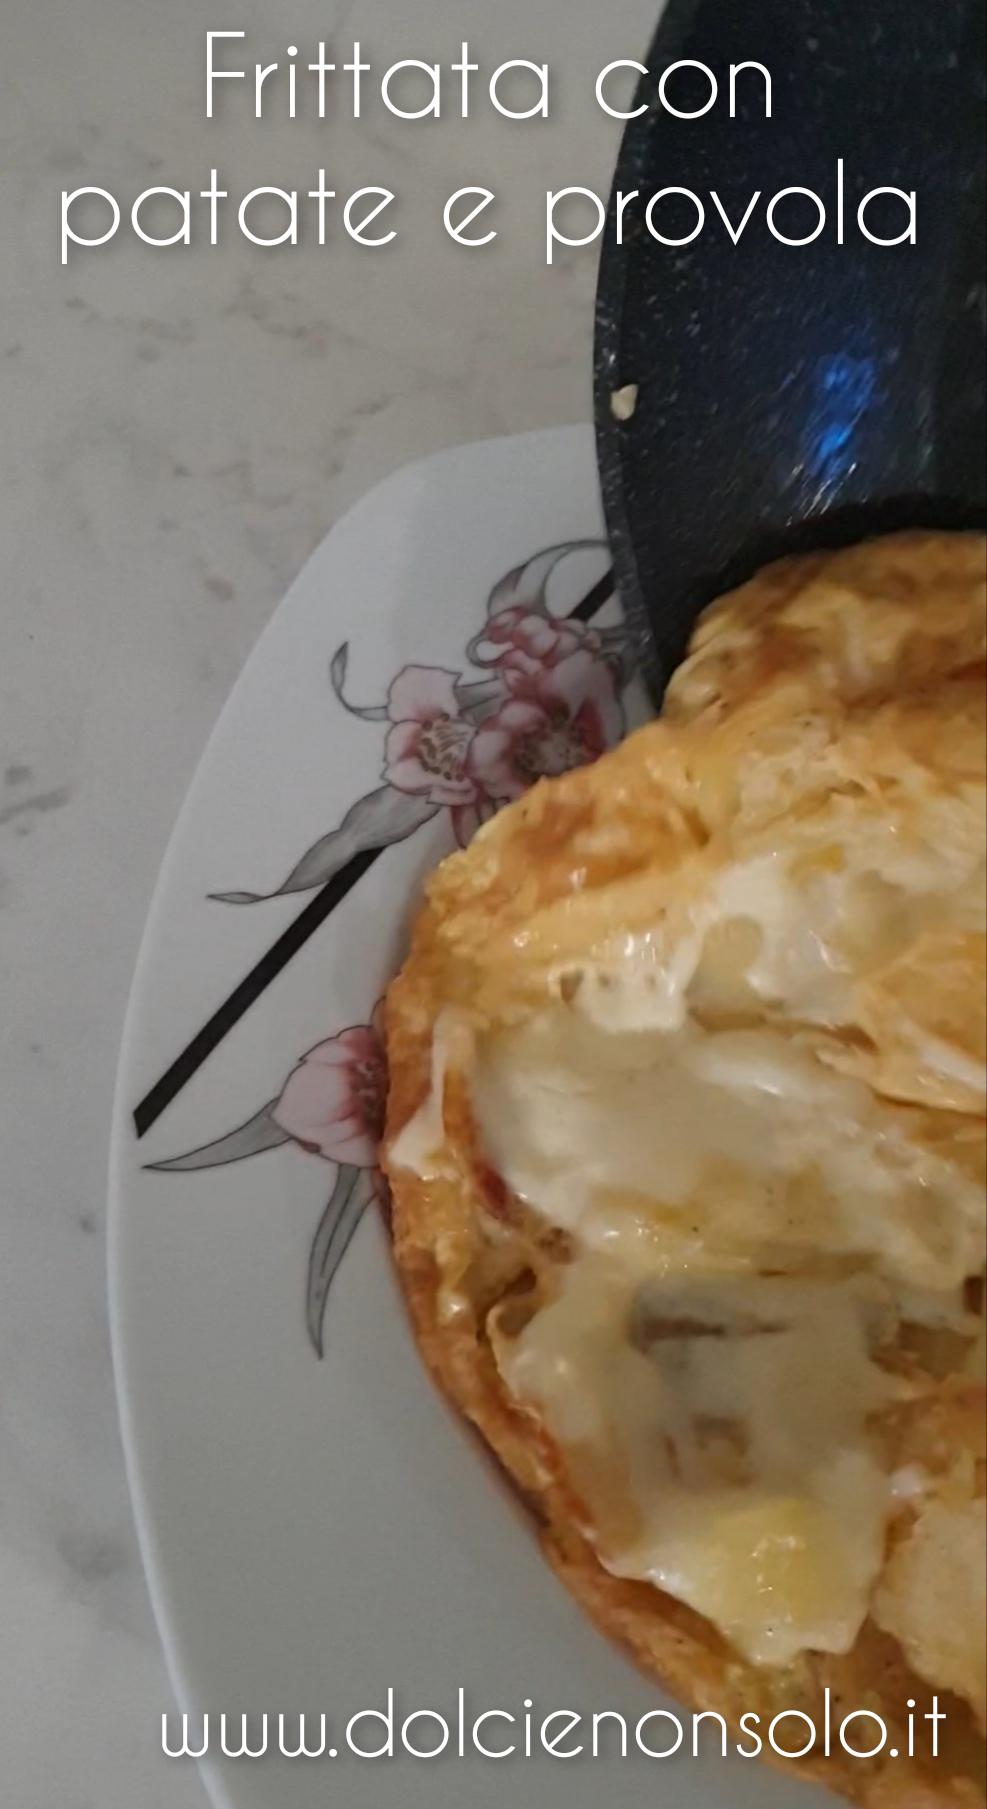 Frittata con patate e provola